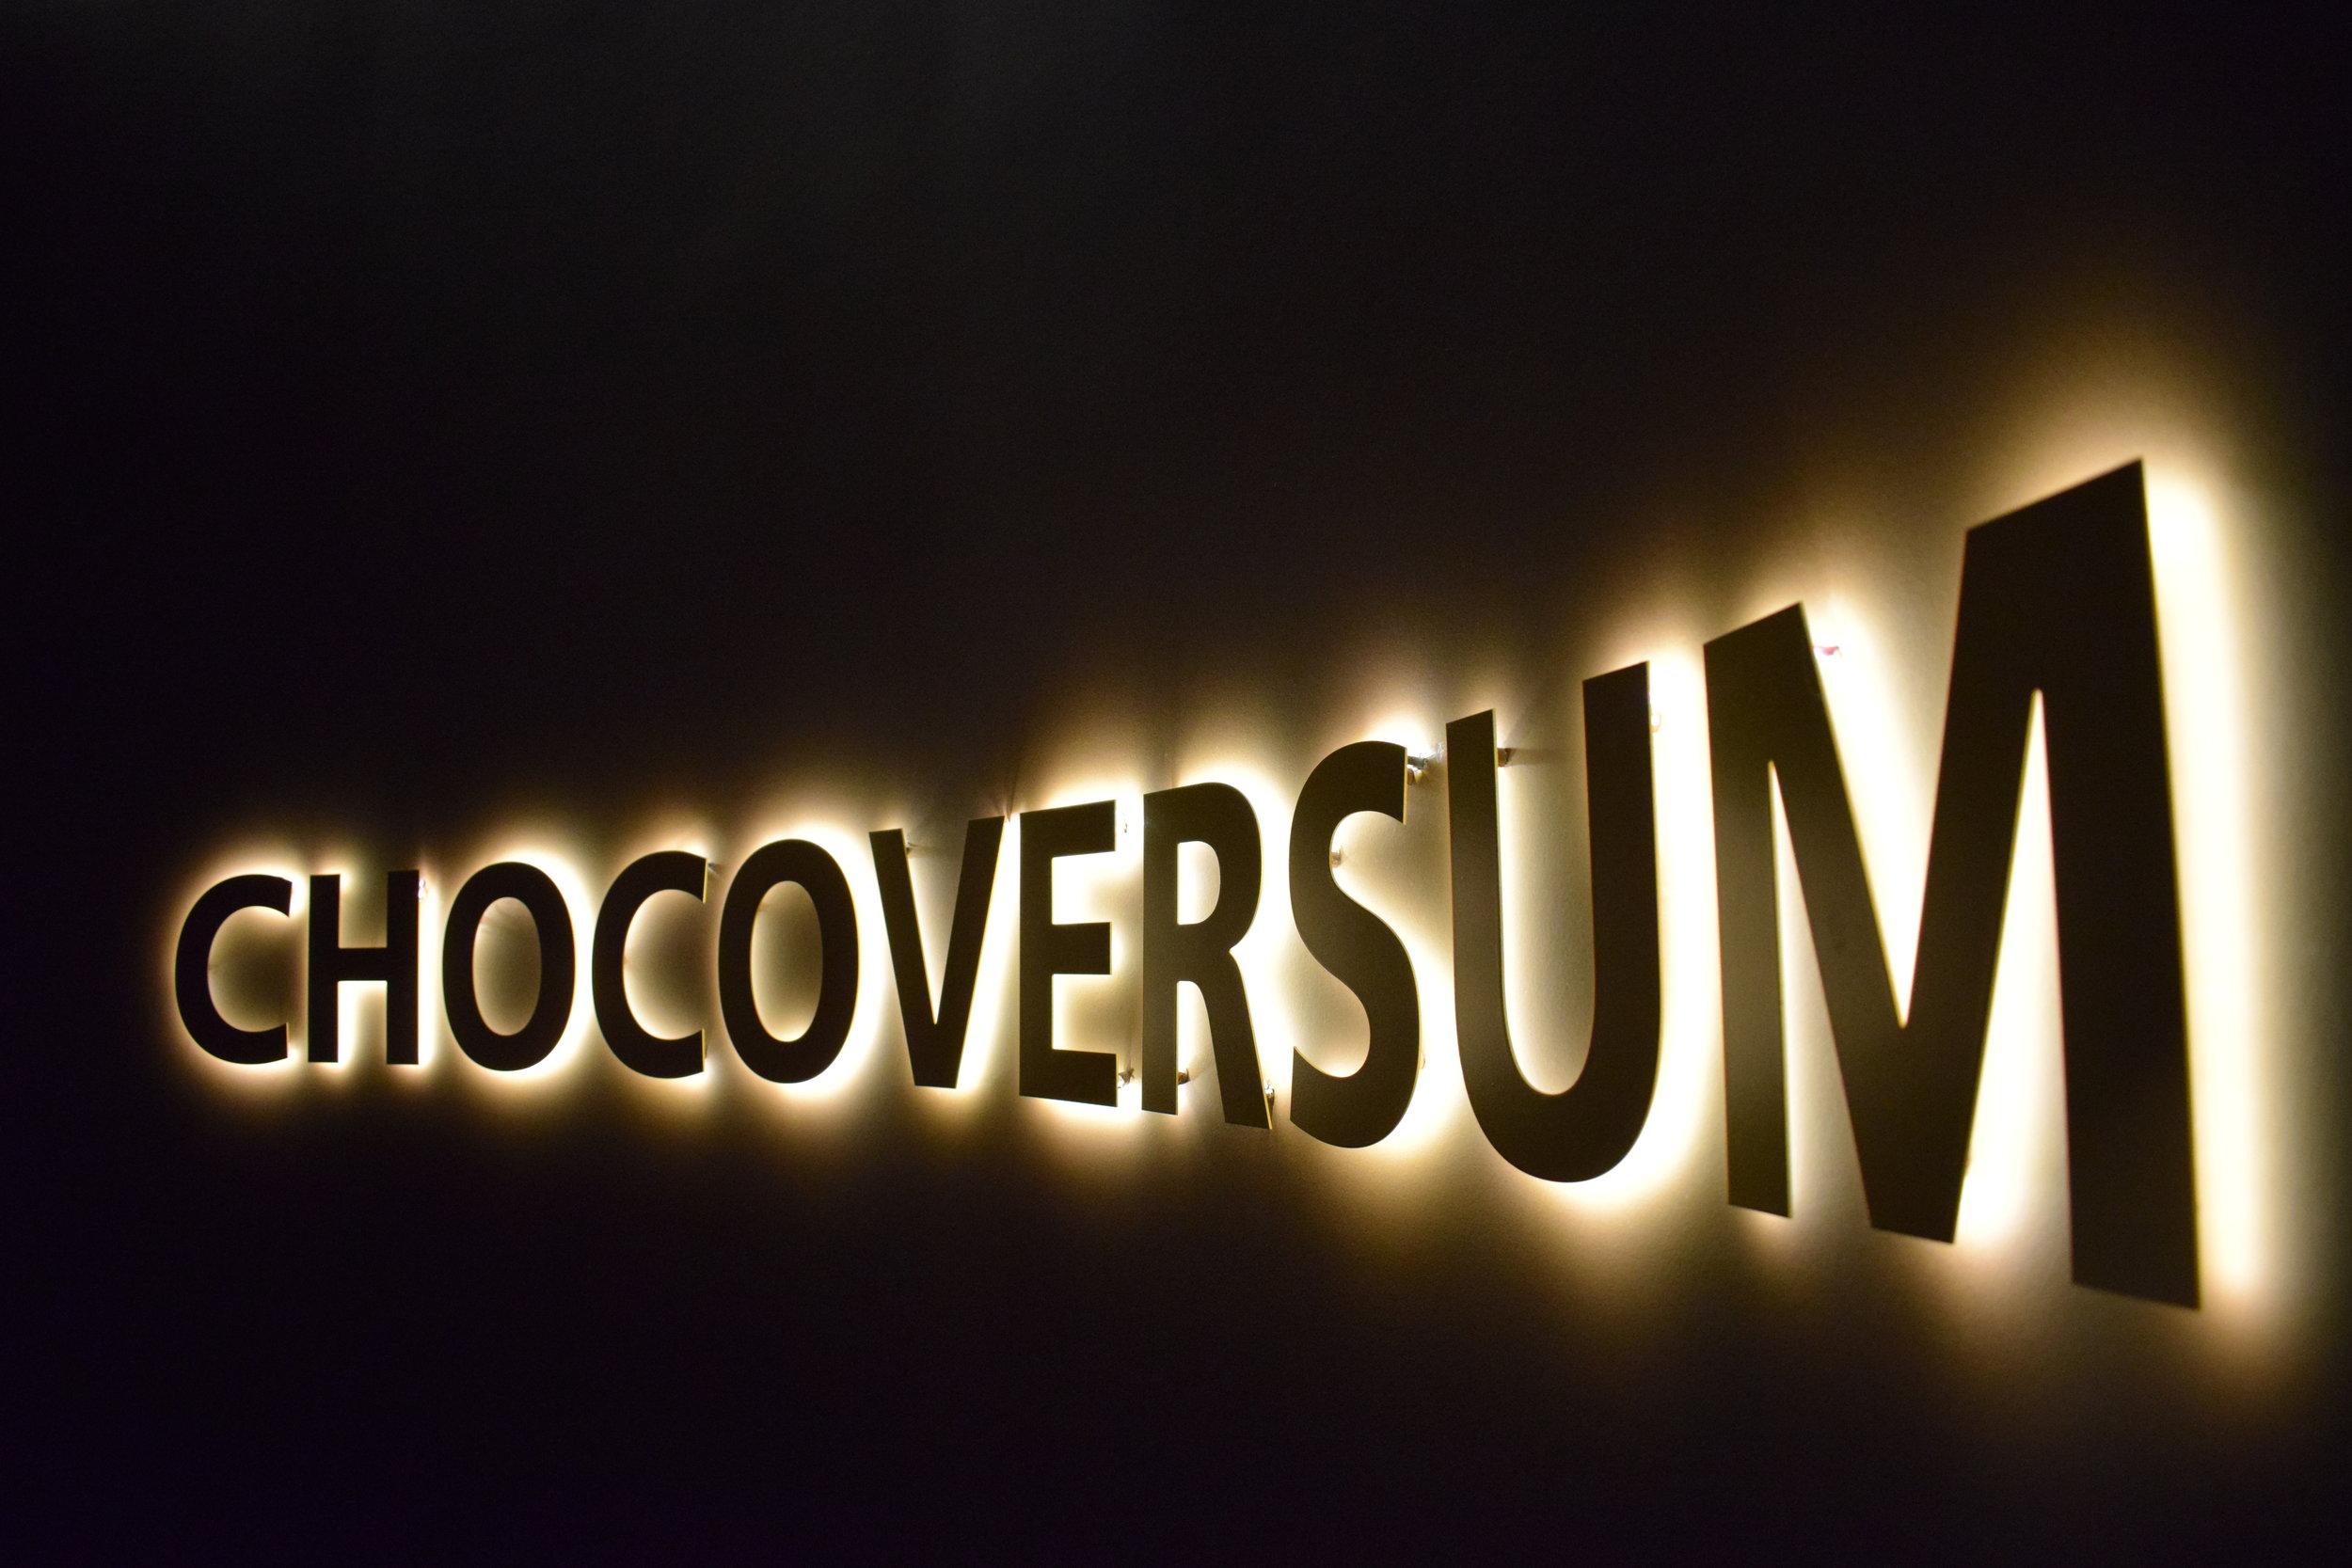 Chocoversum-Sign-Hamburg